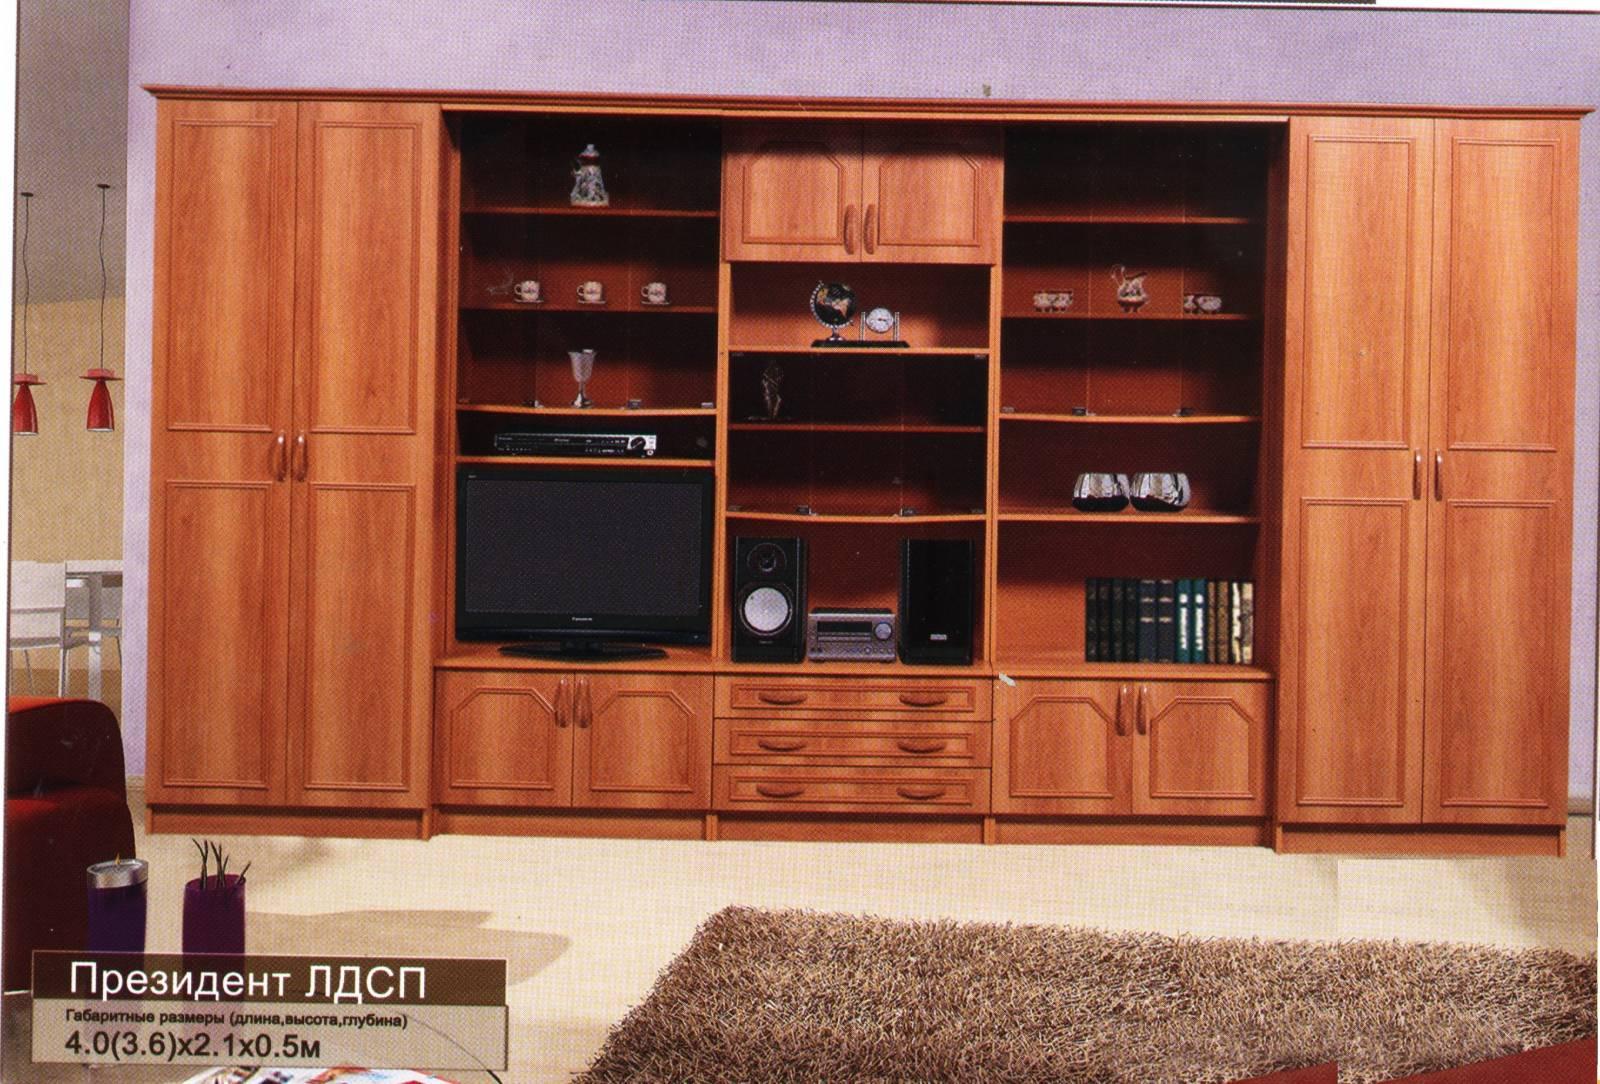 Президент лдсп корпусная мебель в самаре.